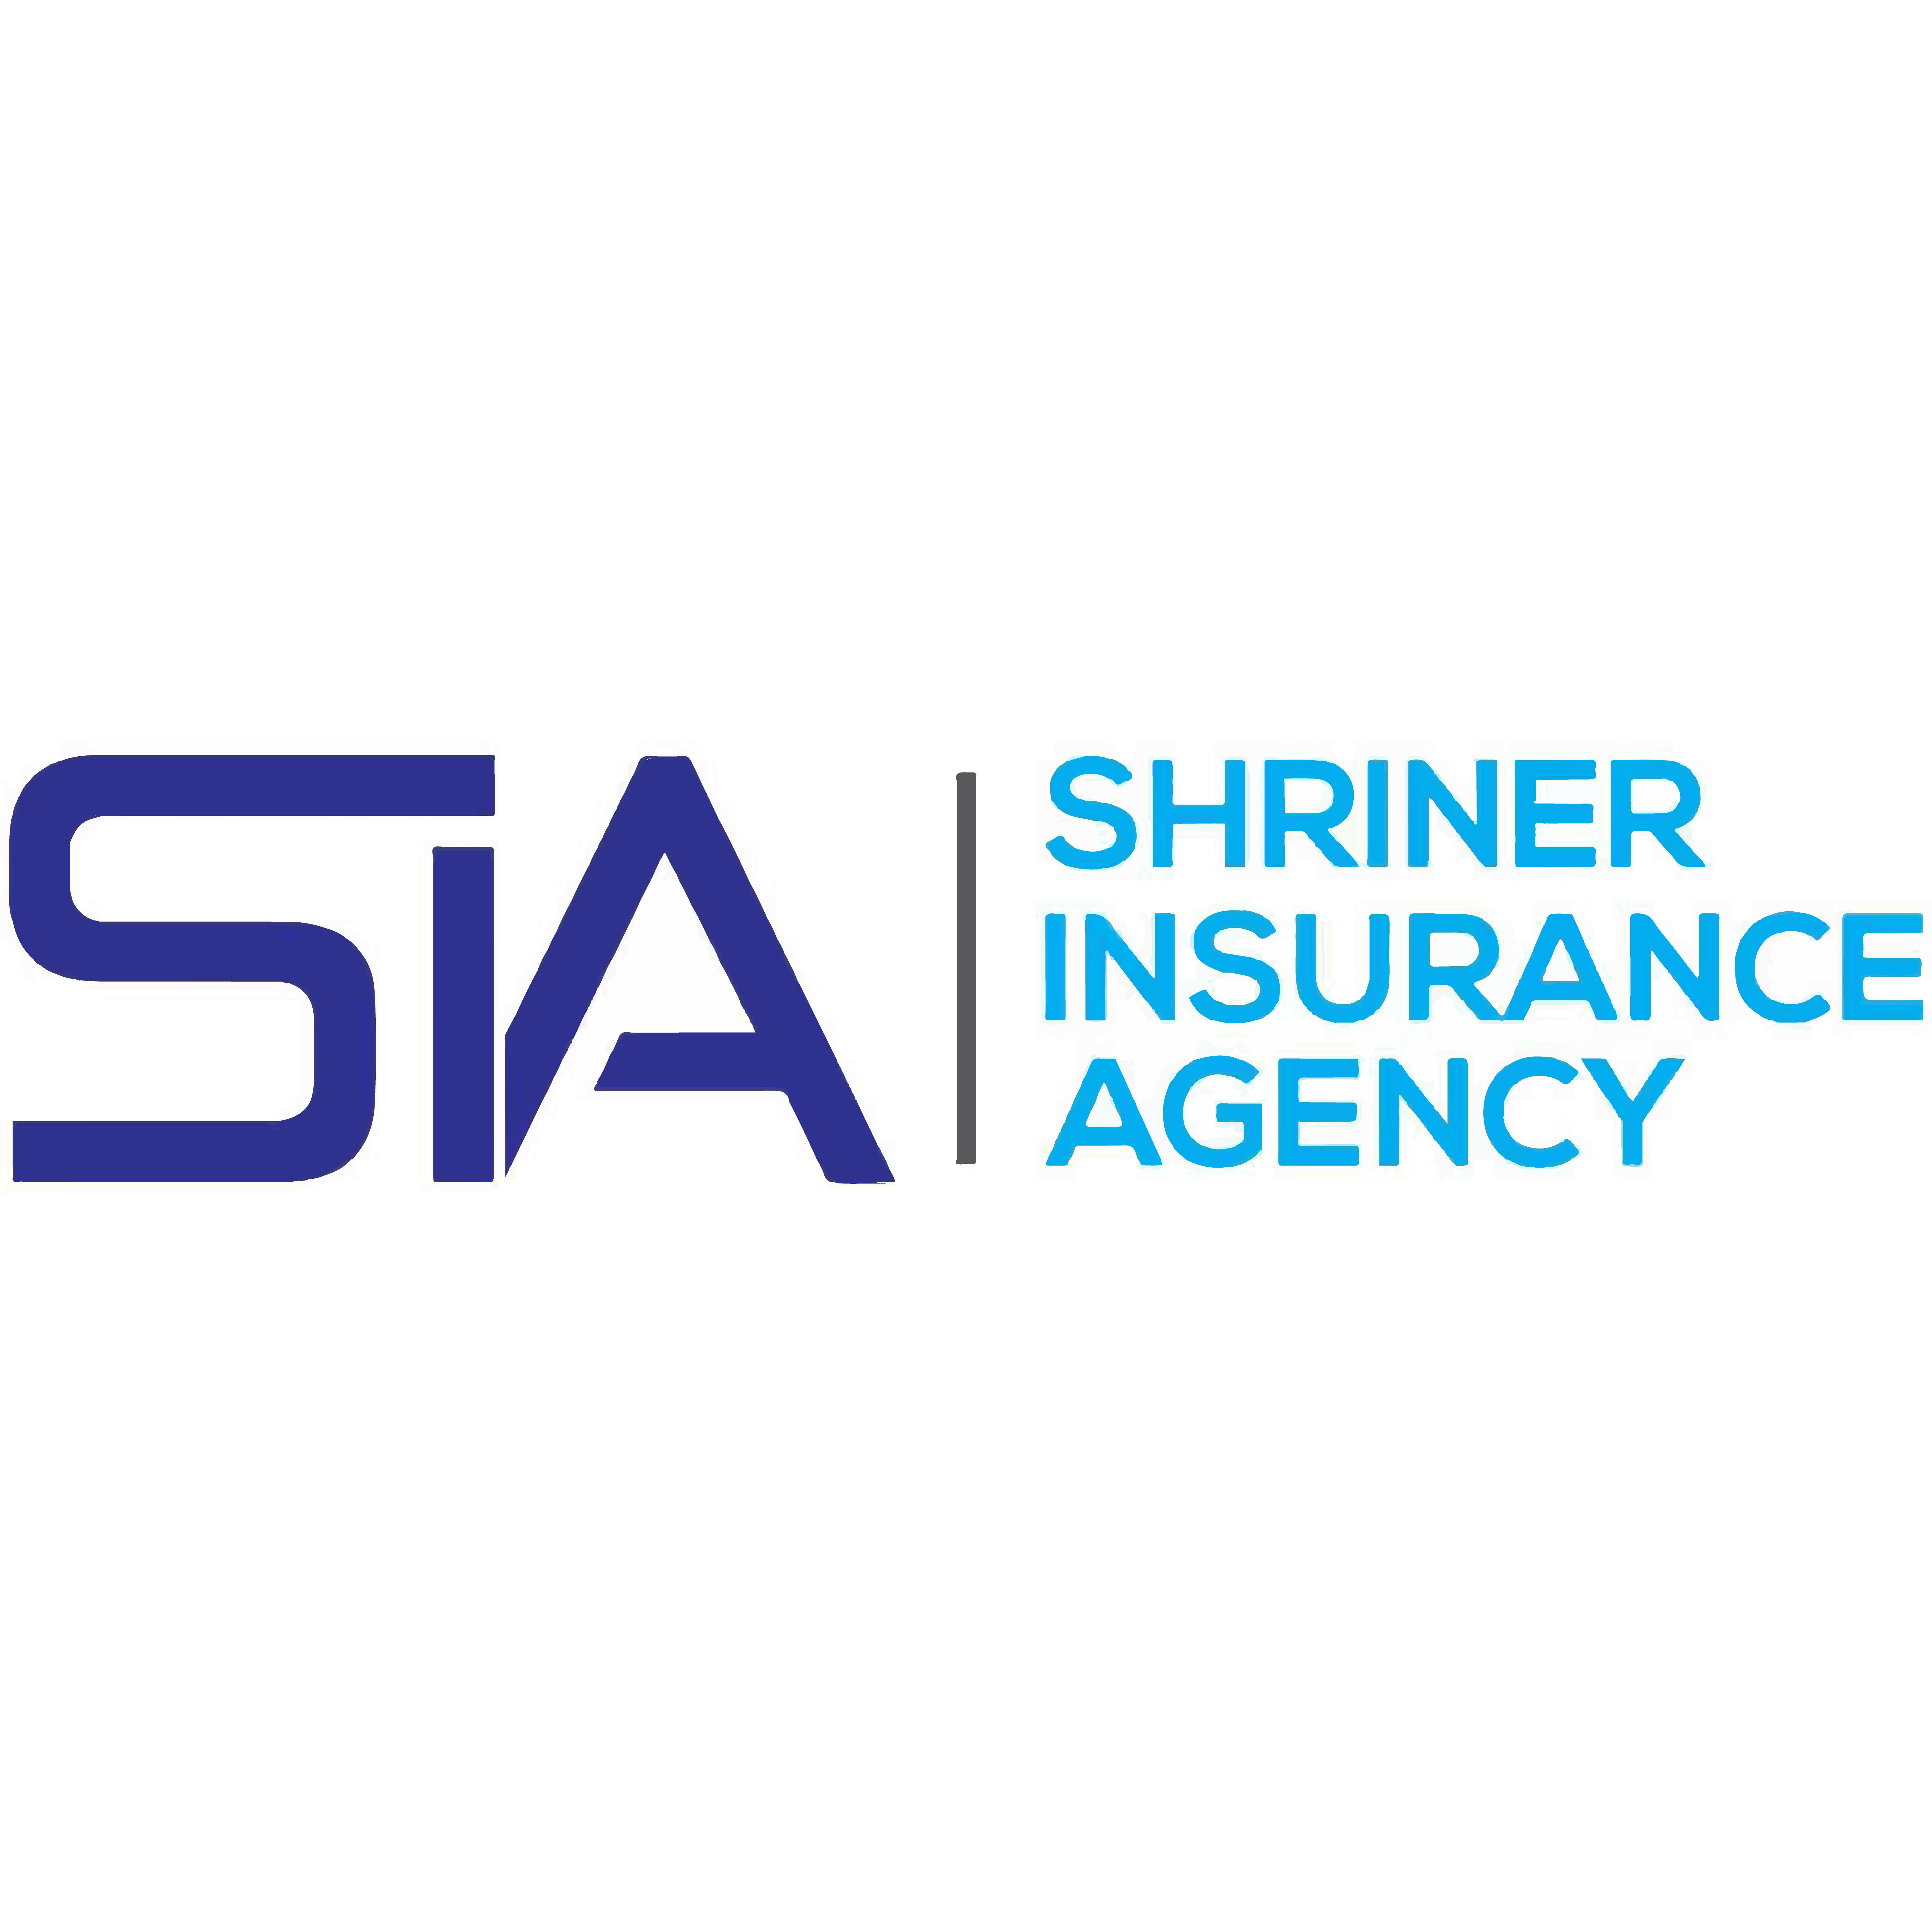 Shriner insurance agency in fort smith ar 72901 for Bureau insurance